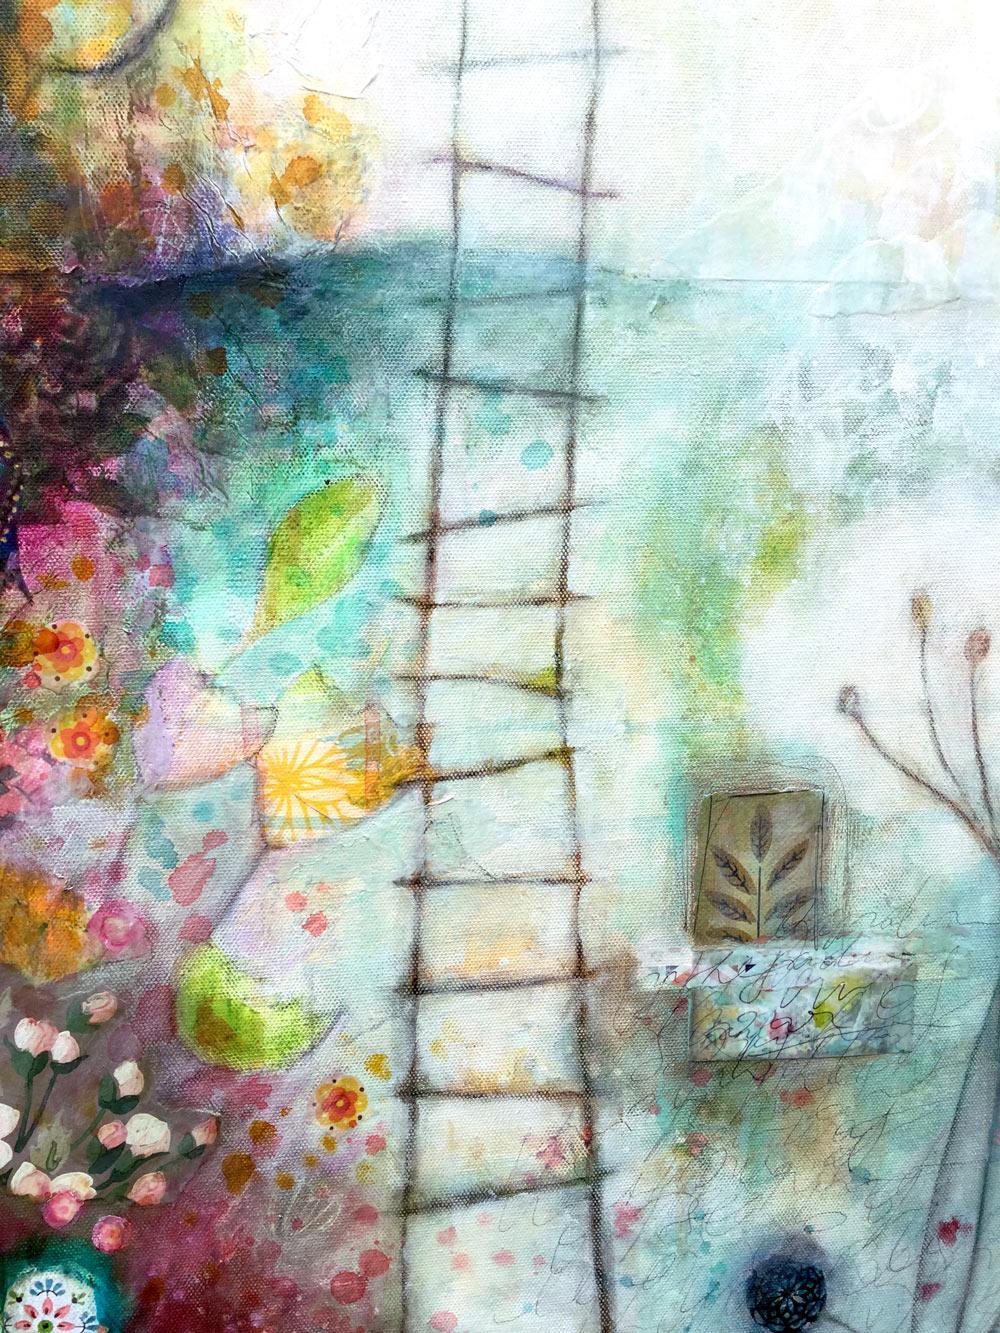 Secret garden ladderW.jpg